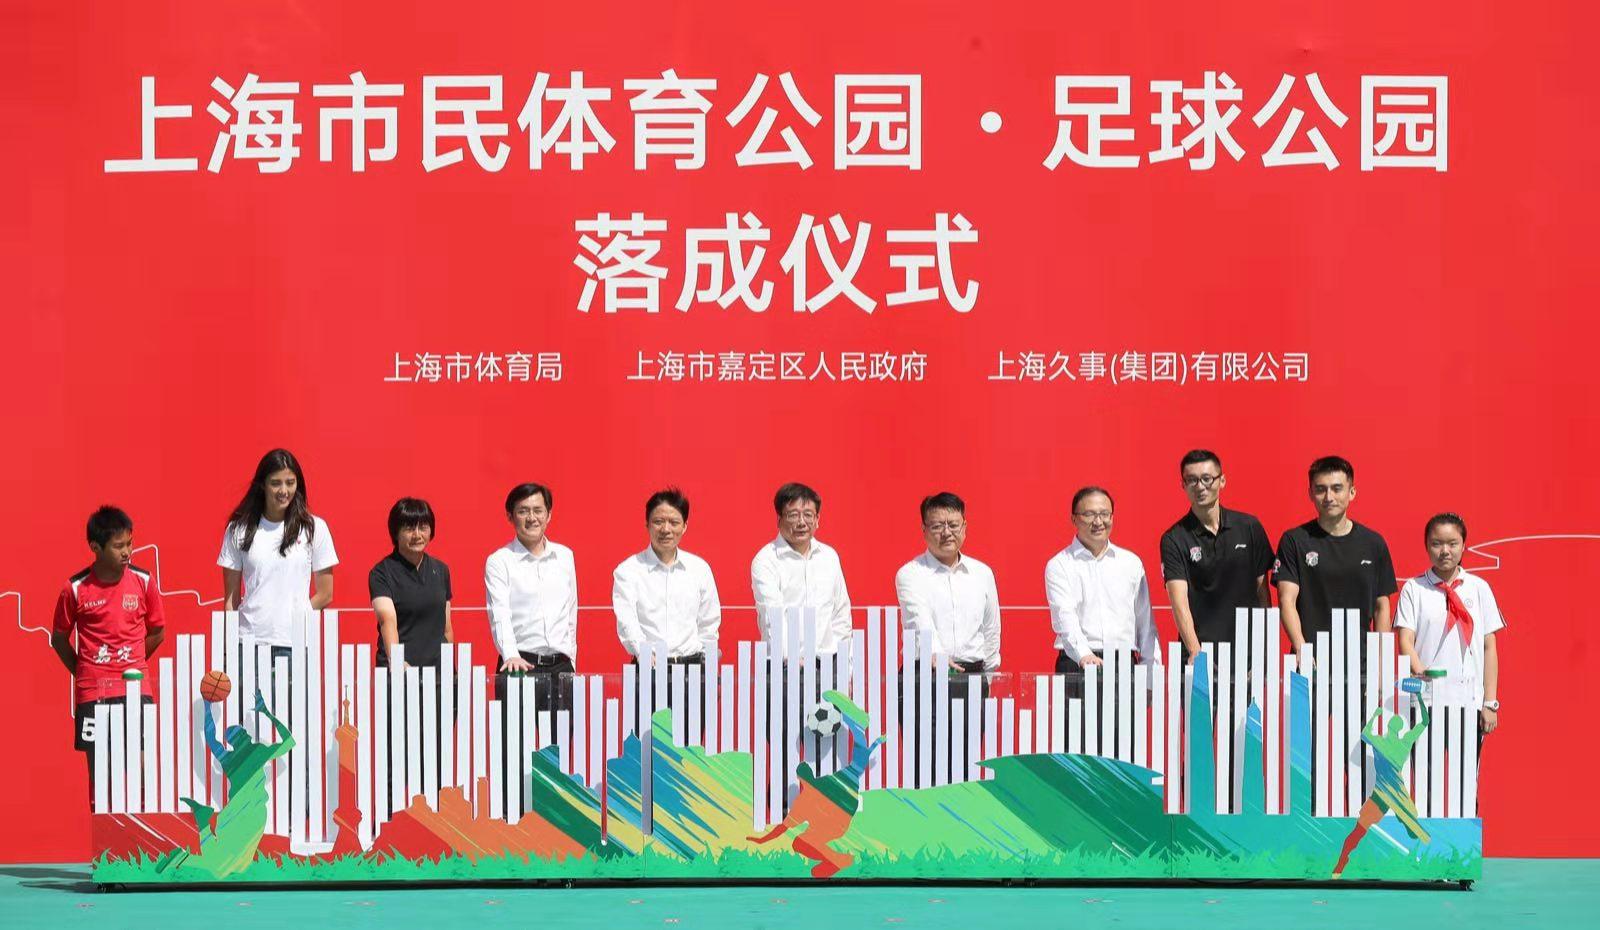 19日,上海市民体育公园一期(足球公园)建设落成。